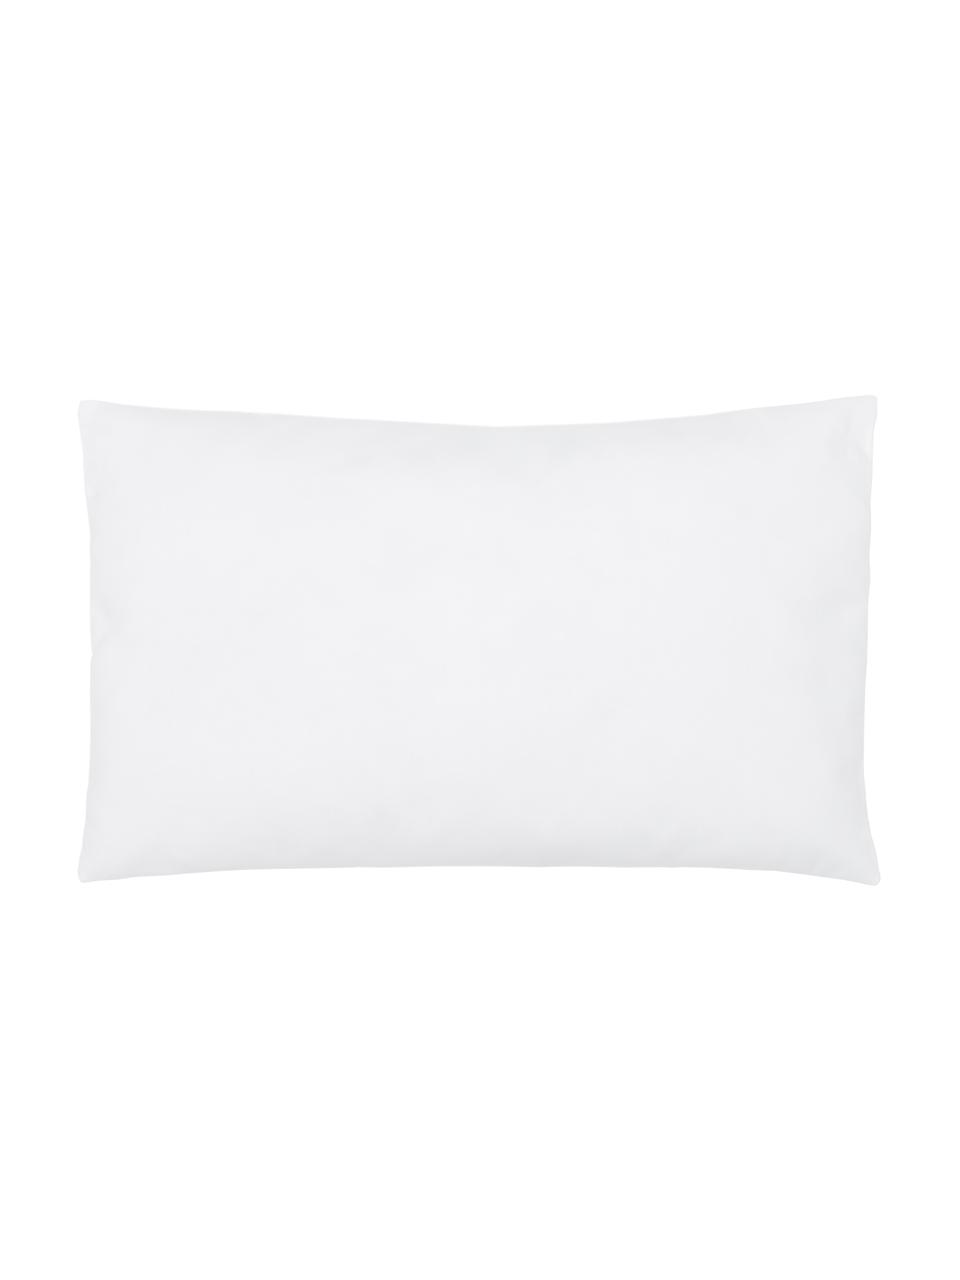 Wkład do poduszki z mikrofibry Sia, 30x50, Biały, S 30 x D 50 cm